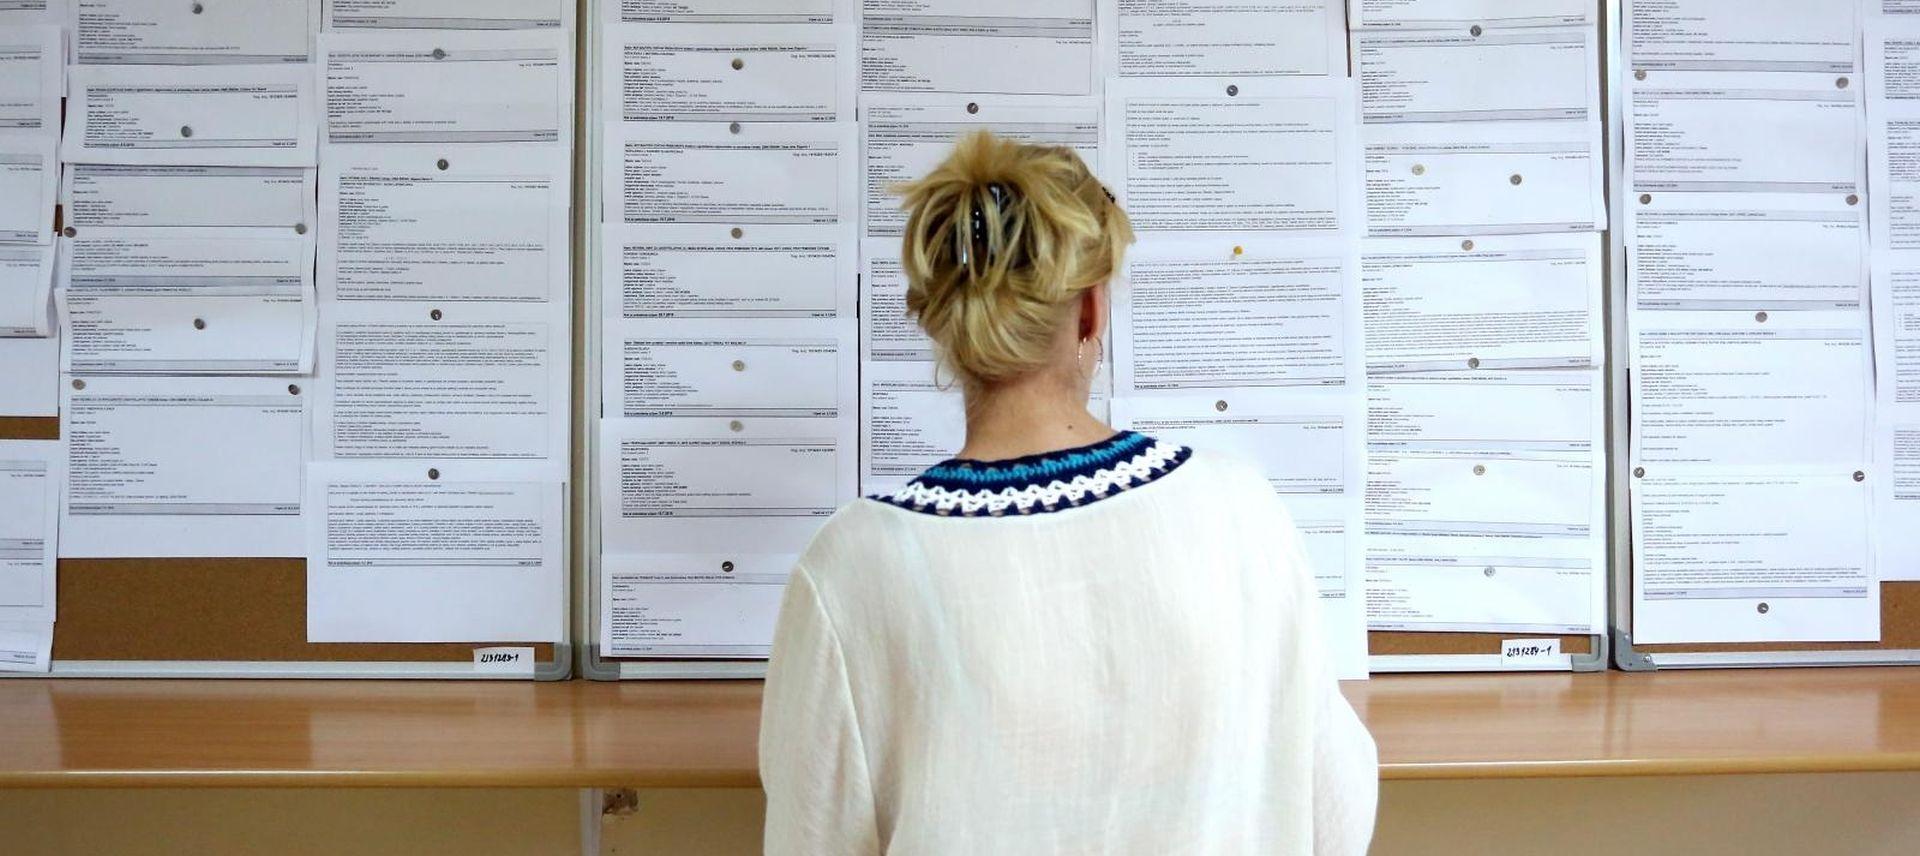 Nezaposlenost u EU najniža od 2000., Hrvatska s najvećim padom